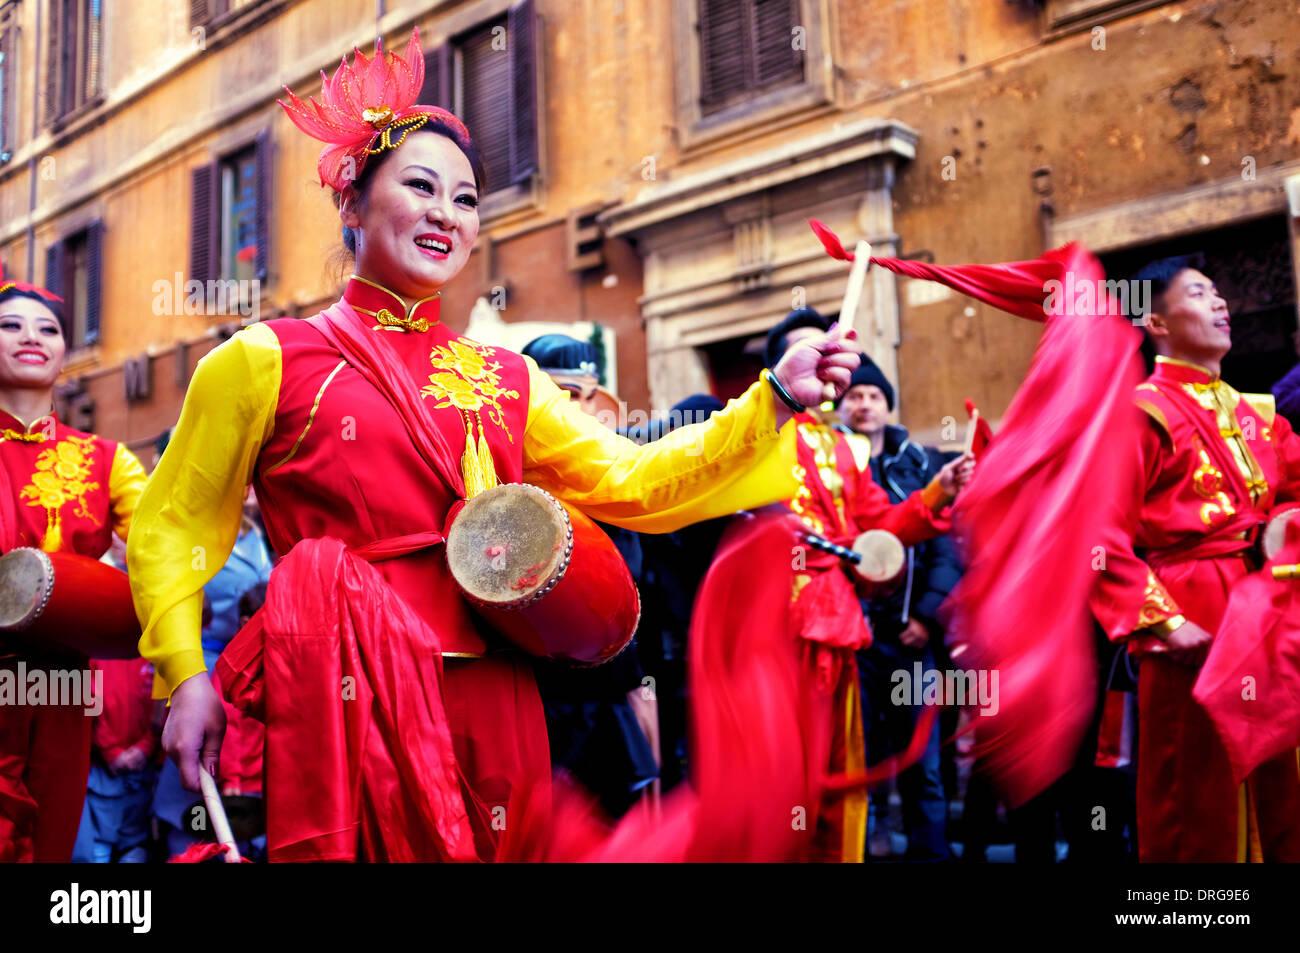 Rom, 25. Januar 2014 Künstler feiern das chinesische Neujahr in der Via del Corso. Dies ist nach dem chinesischen Kalender das Jahr des Pferdes Credit: Fabrizio Troiani/Alamy Live News Stockbild